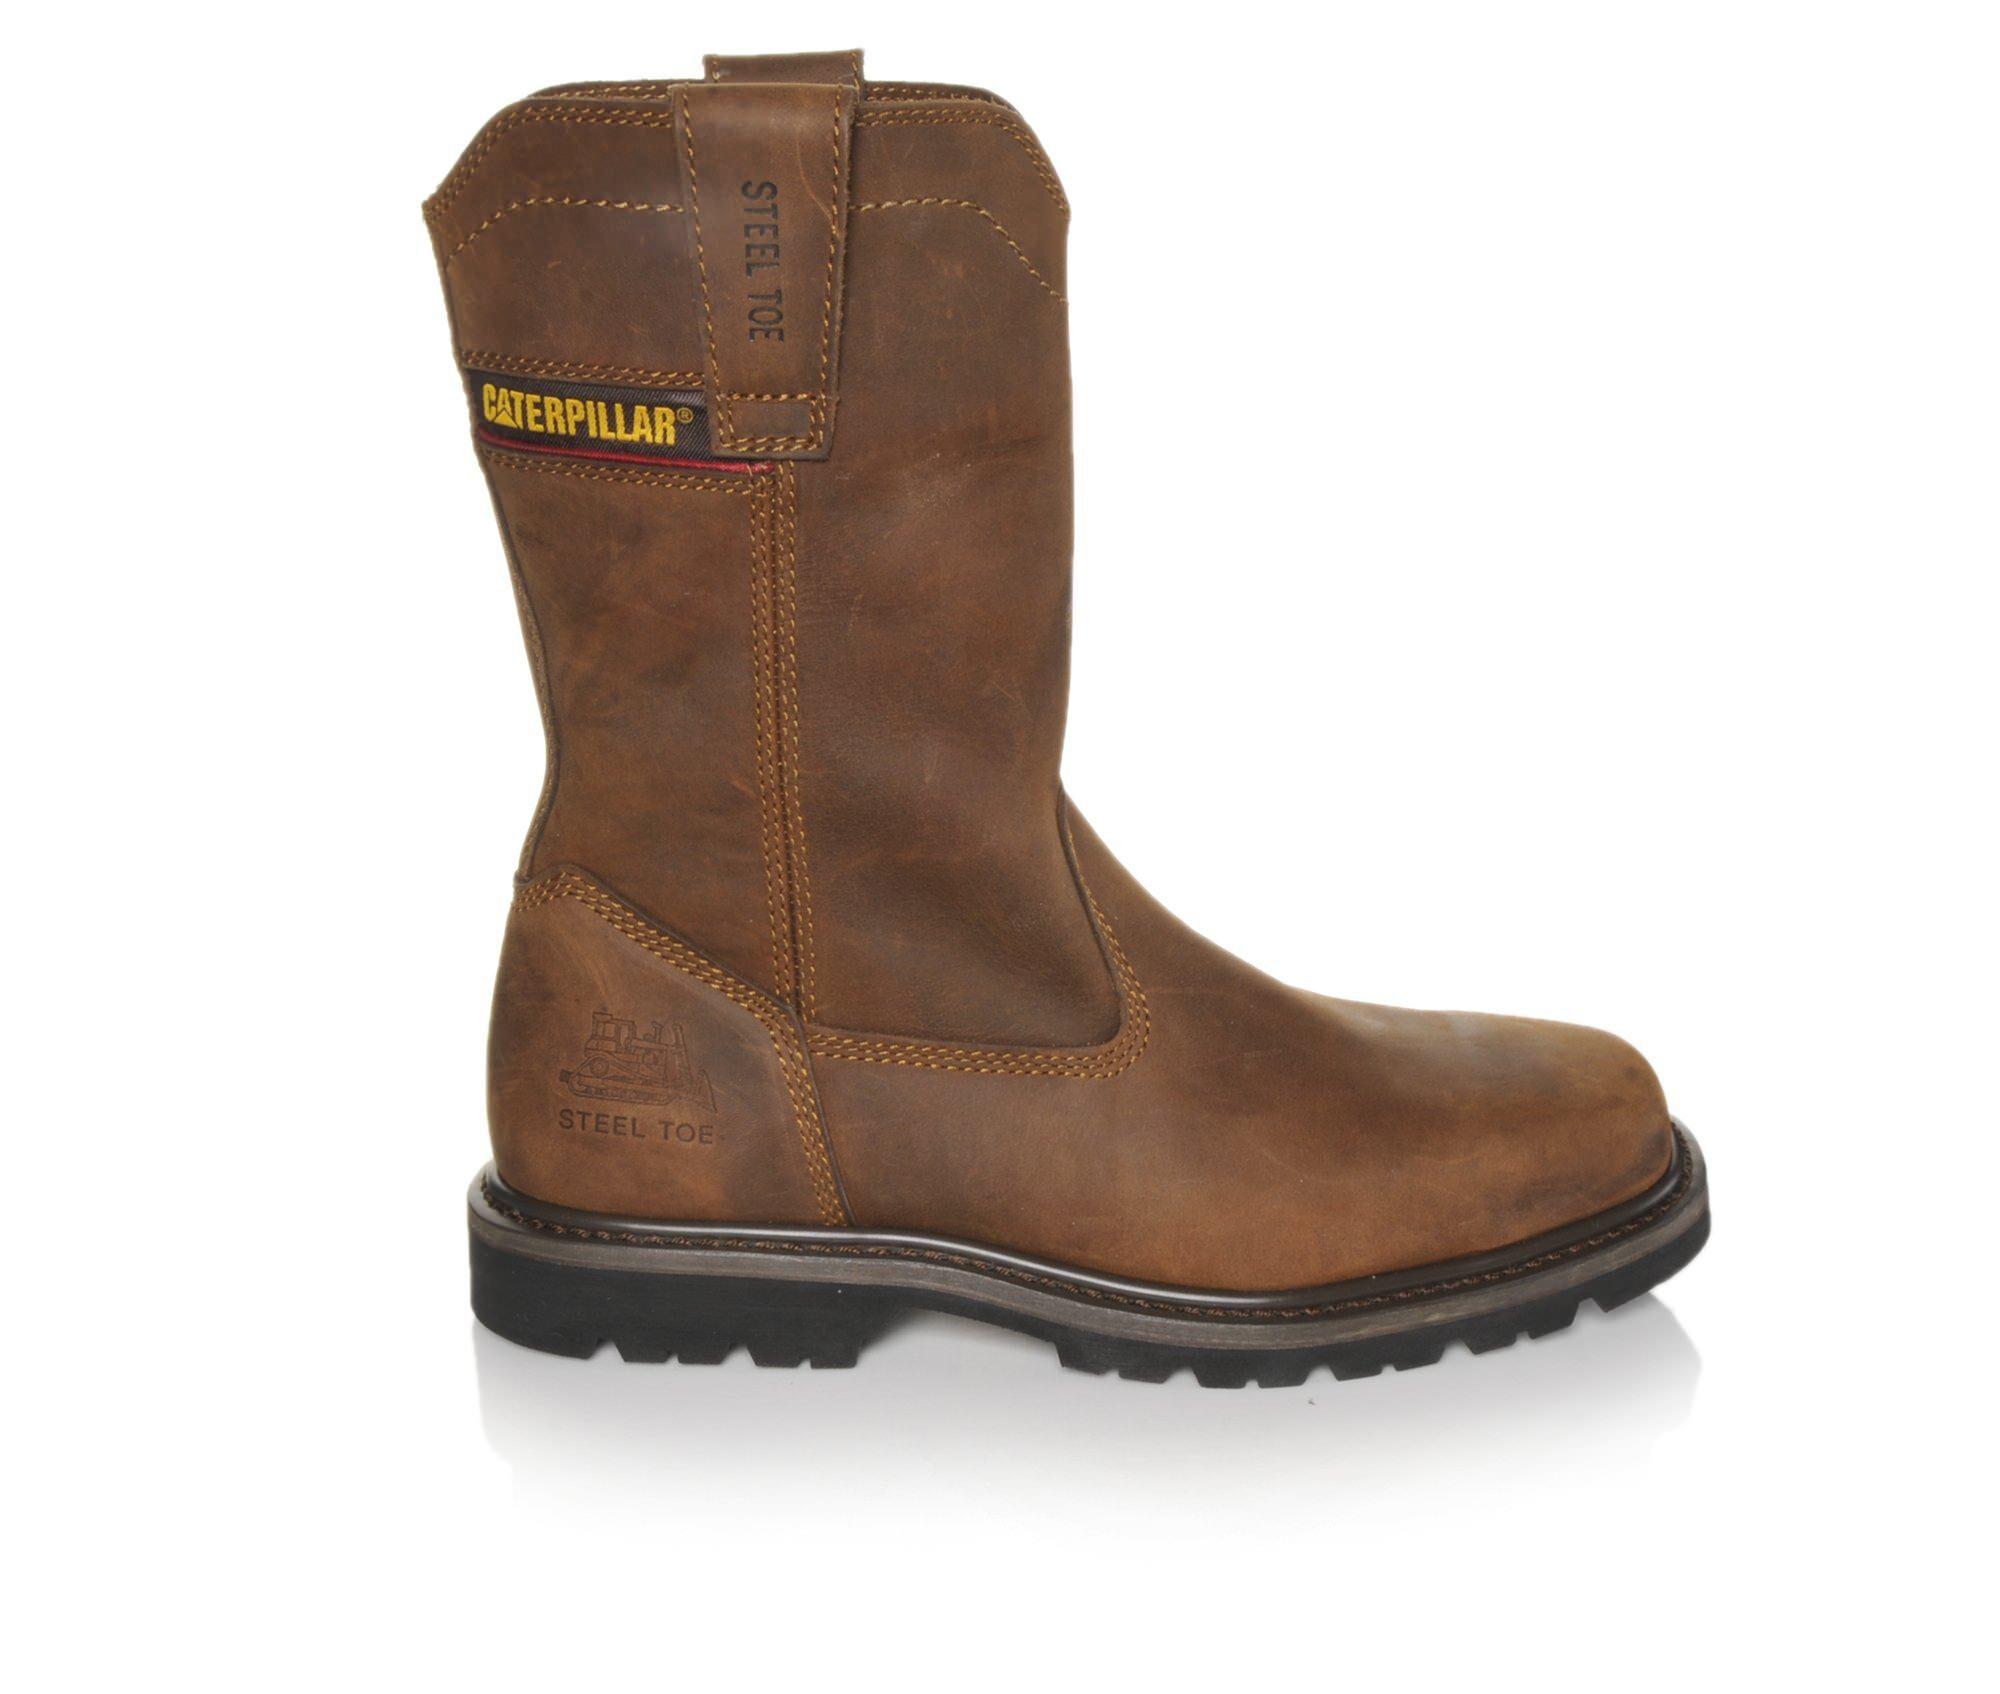 Men's Caterpillar Wellston Steel Toe Work Boots Dark Brown